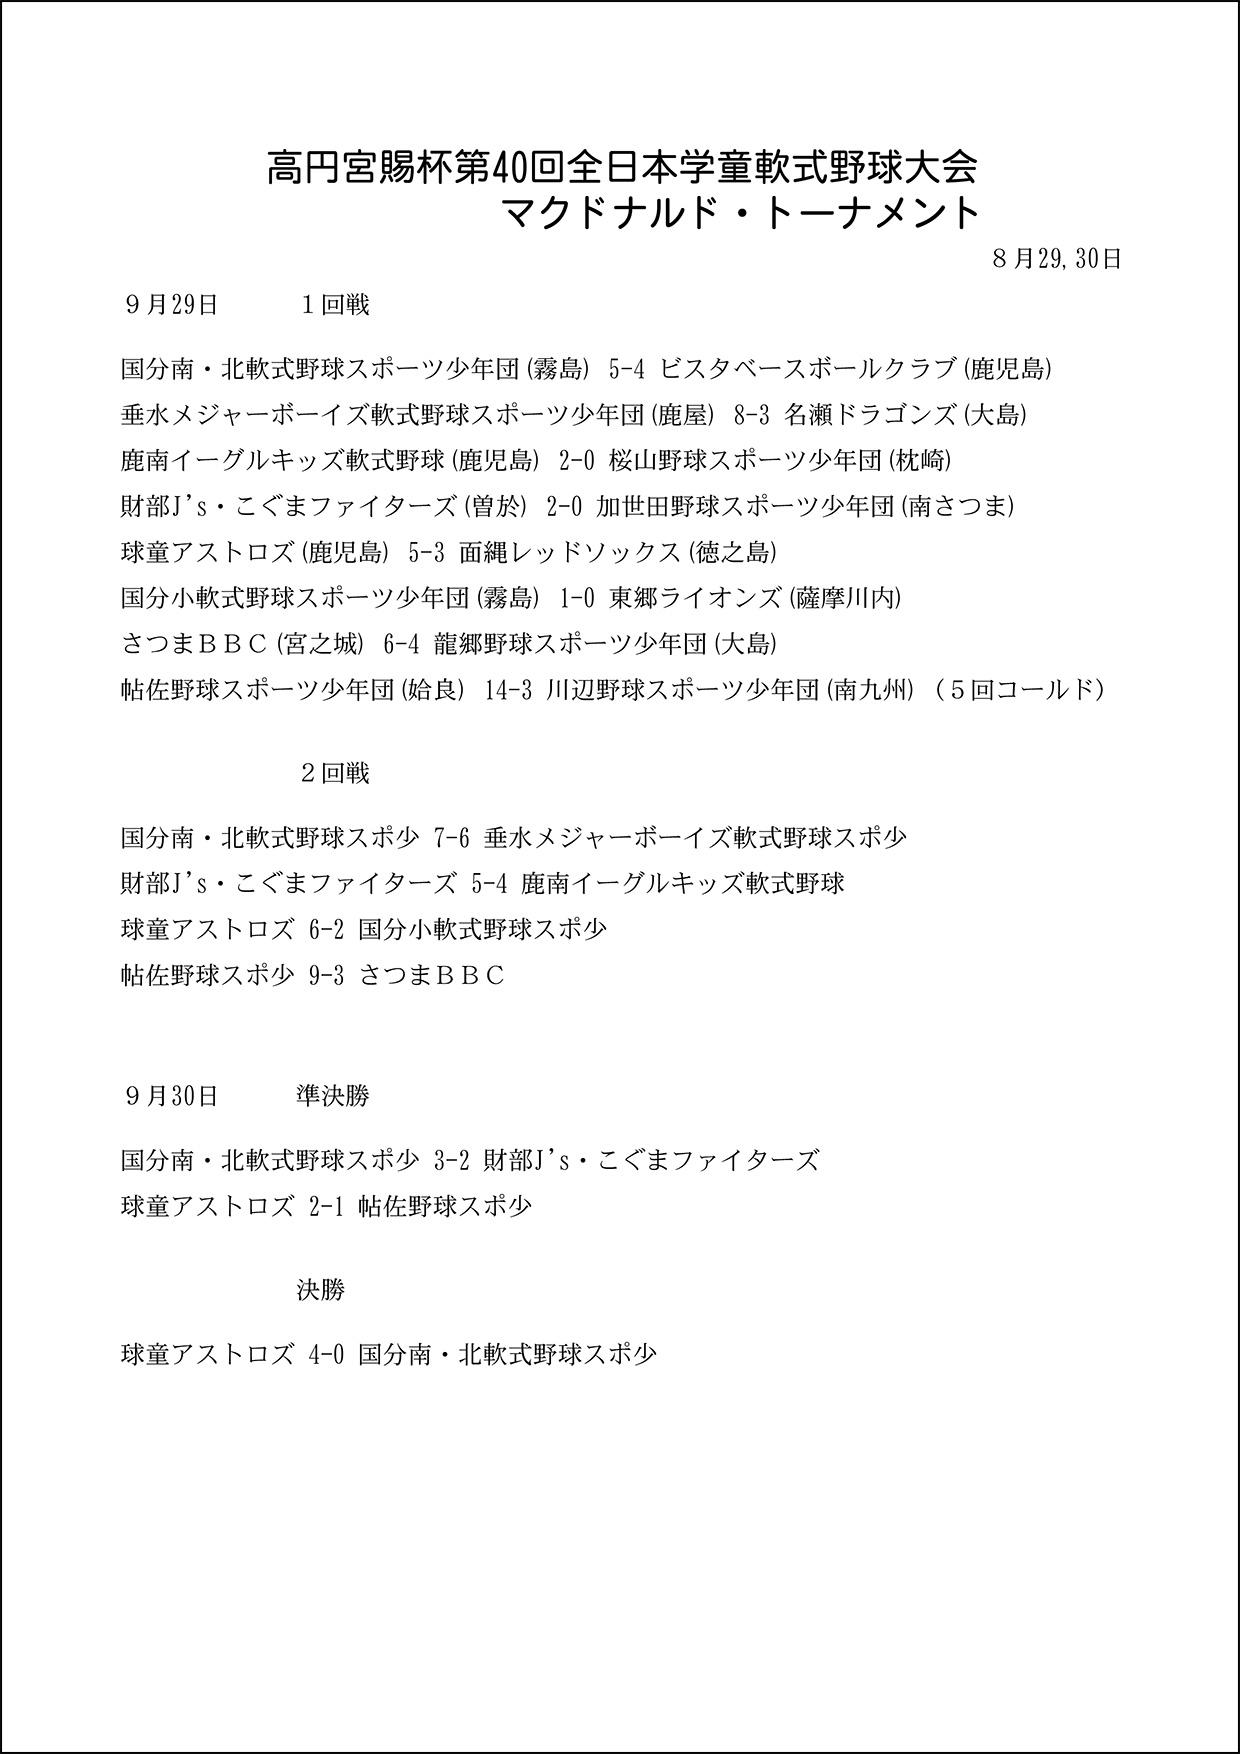 【結果】高円宮賜杯第40回全日本学童軟式野球大会(マクドナルド・トーナメント)